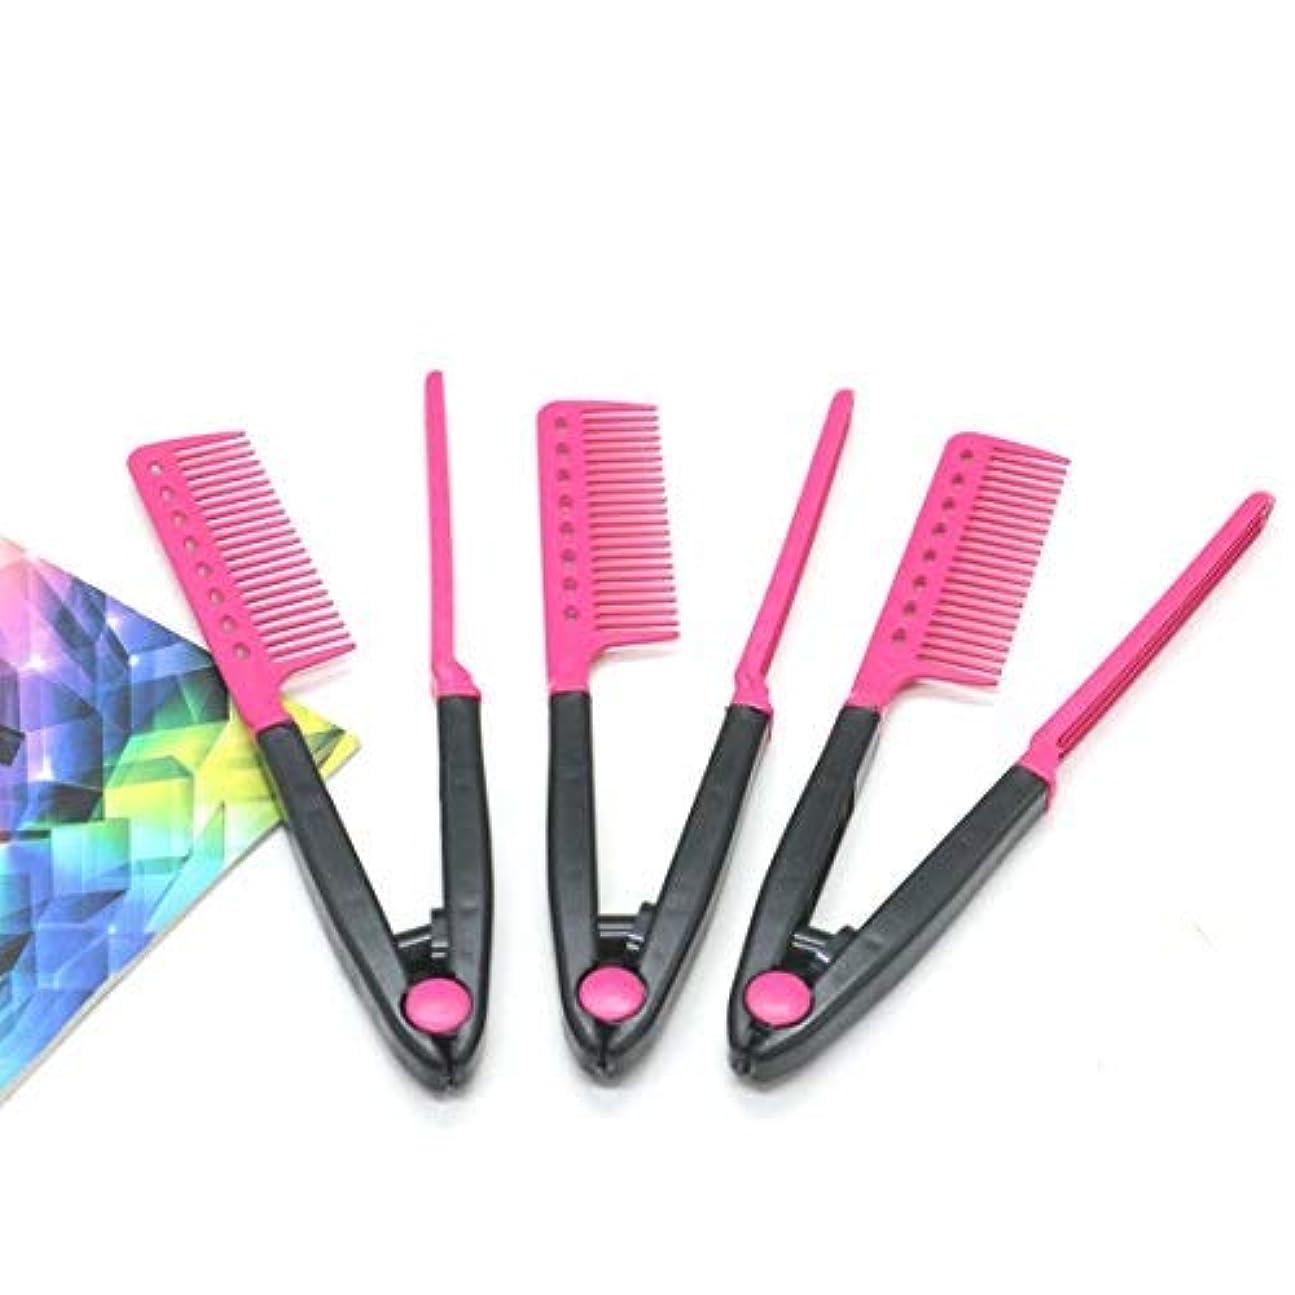 ノート反乱有力者Pack Of 3 DIY Hair Straightener V Shape Comb By IDS [並行輸入品]